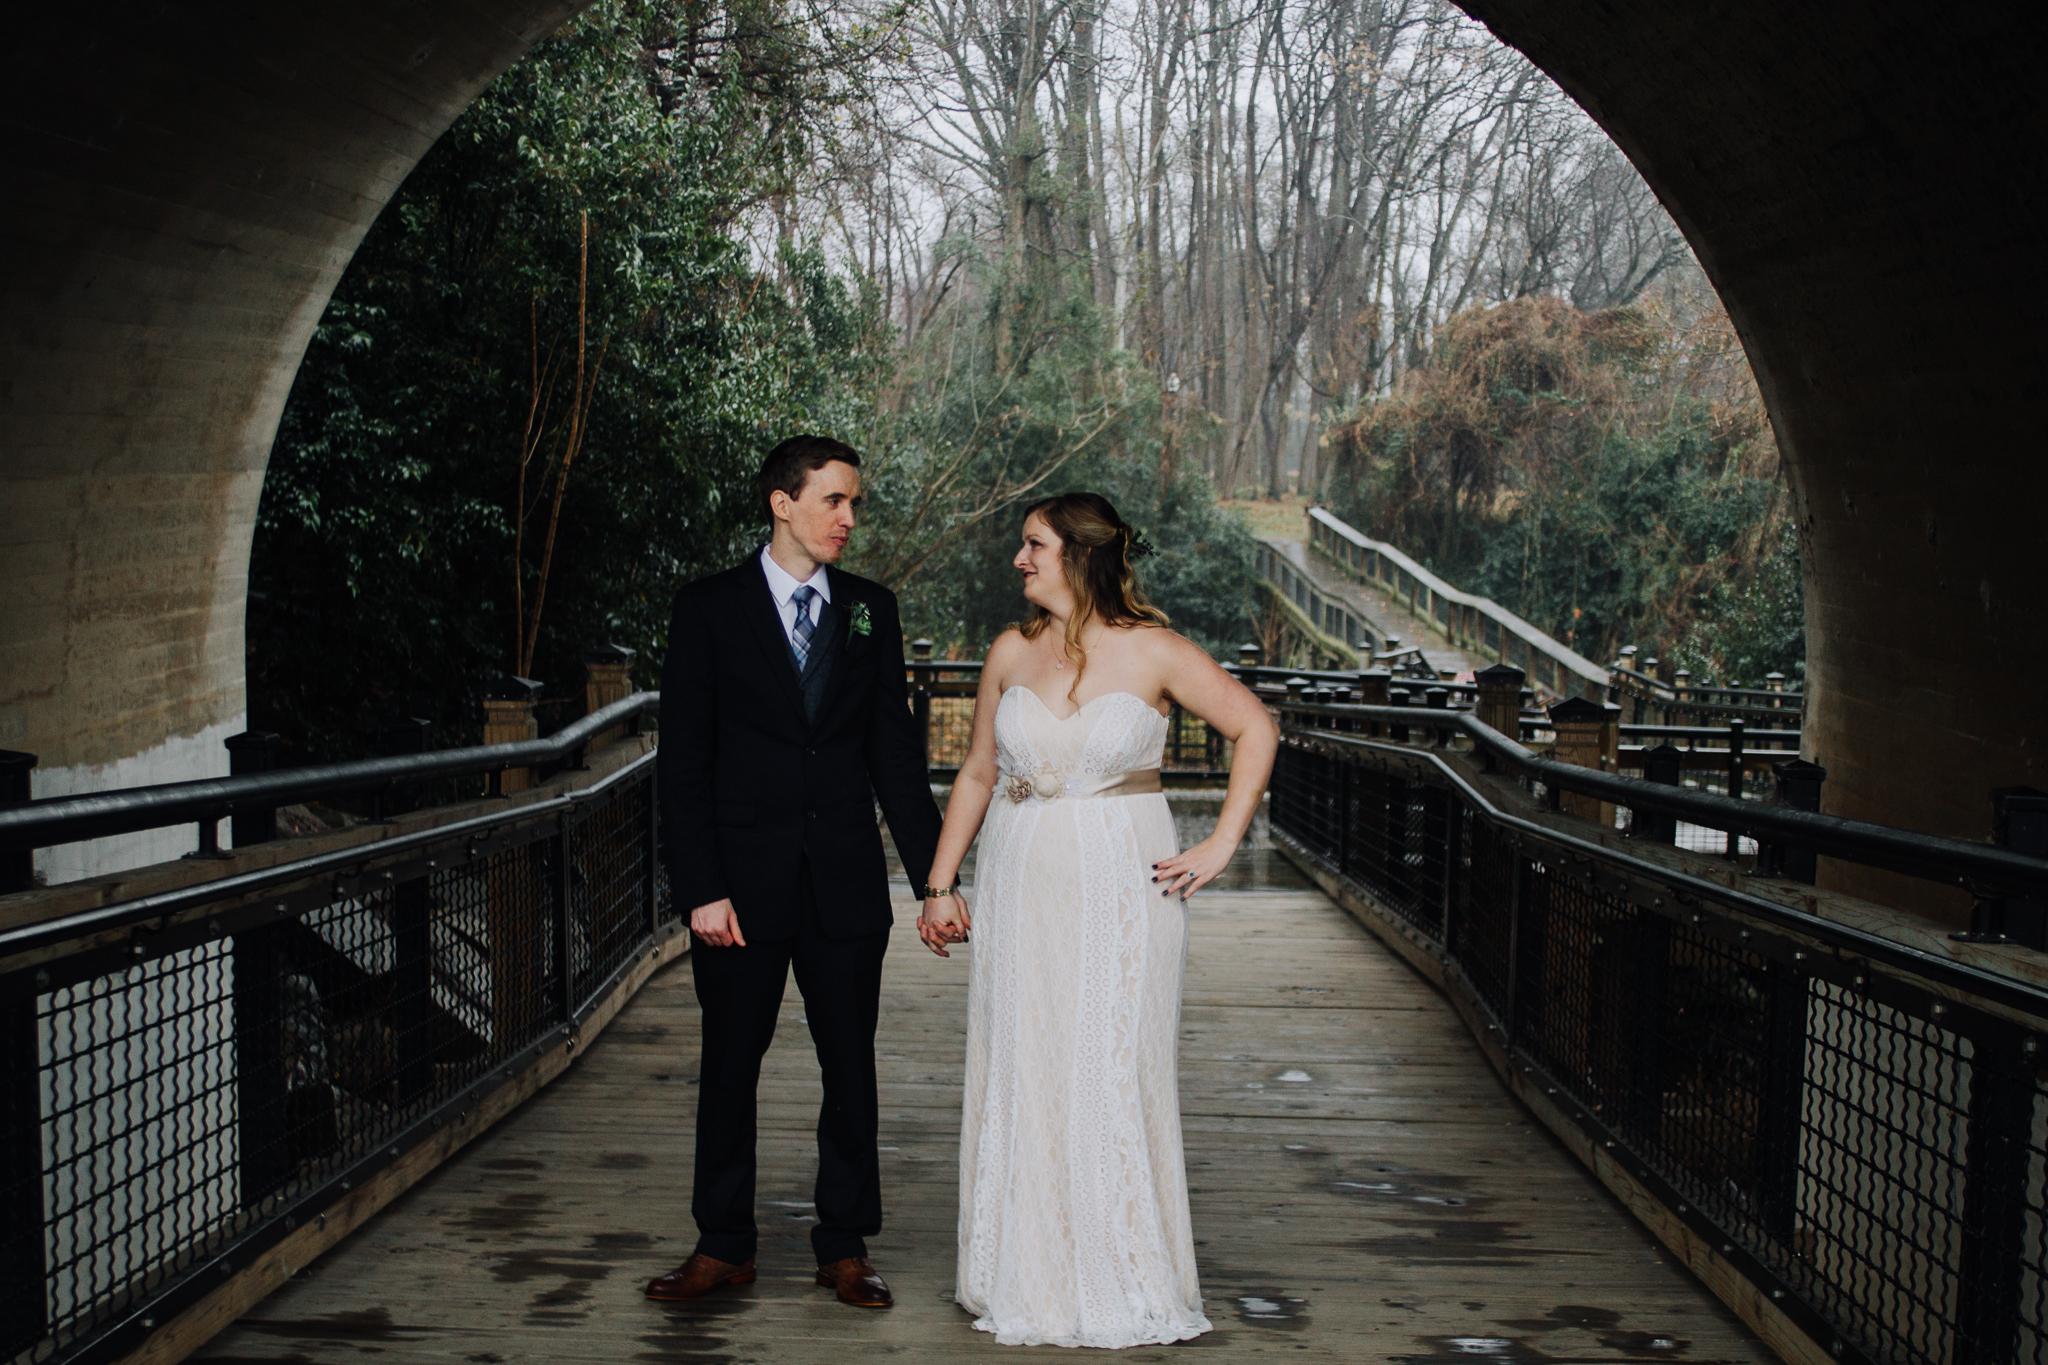 columbia-sc-wedding-photographer-winter-senates-end-downtown-31